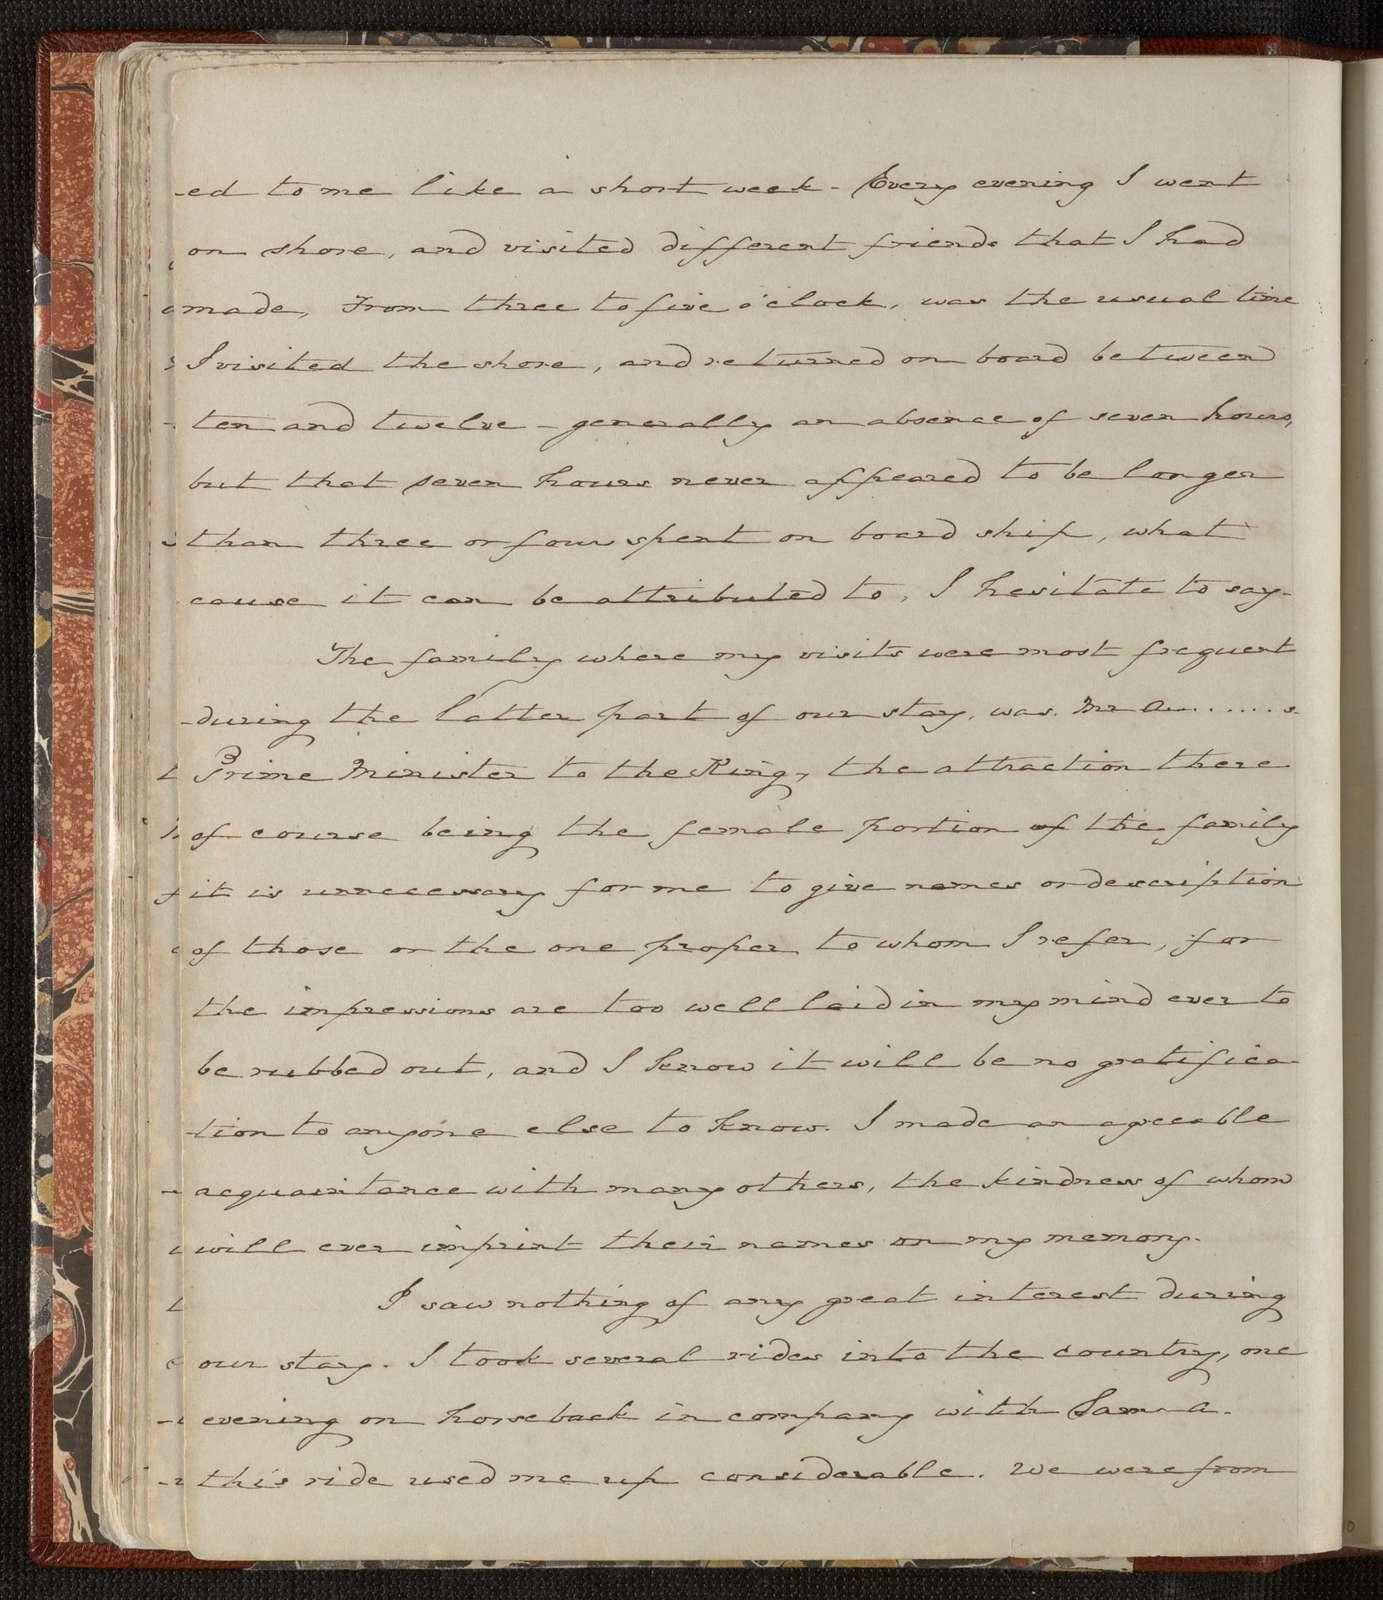 William Speiden journals: Vol. 2, July 3, 1854-Feb. 16, 1855